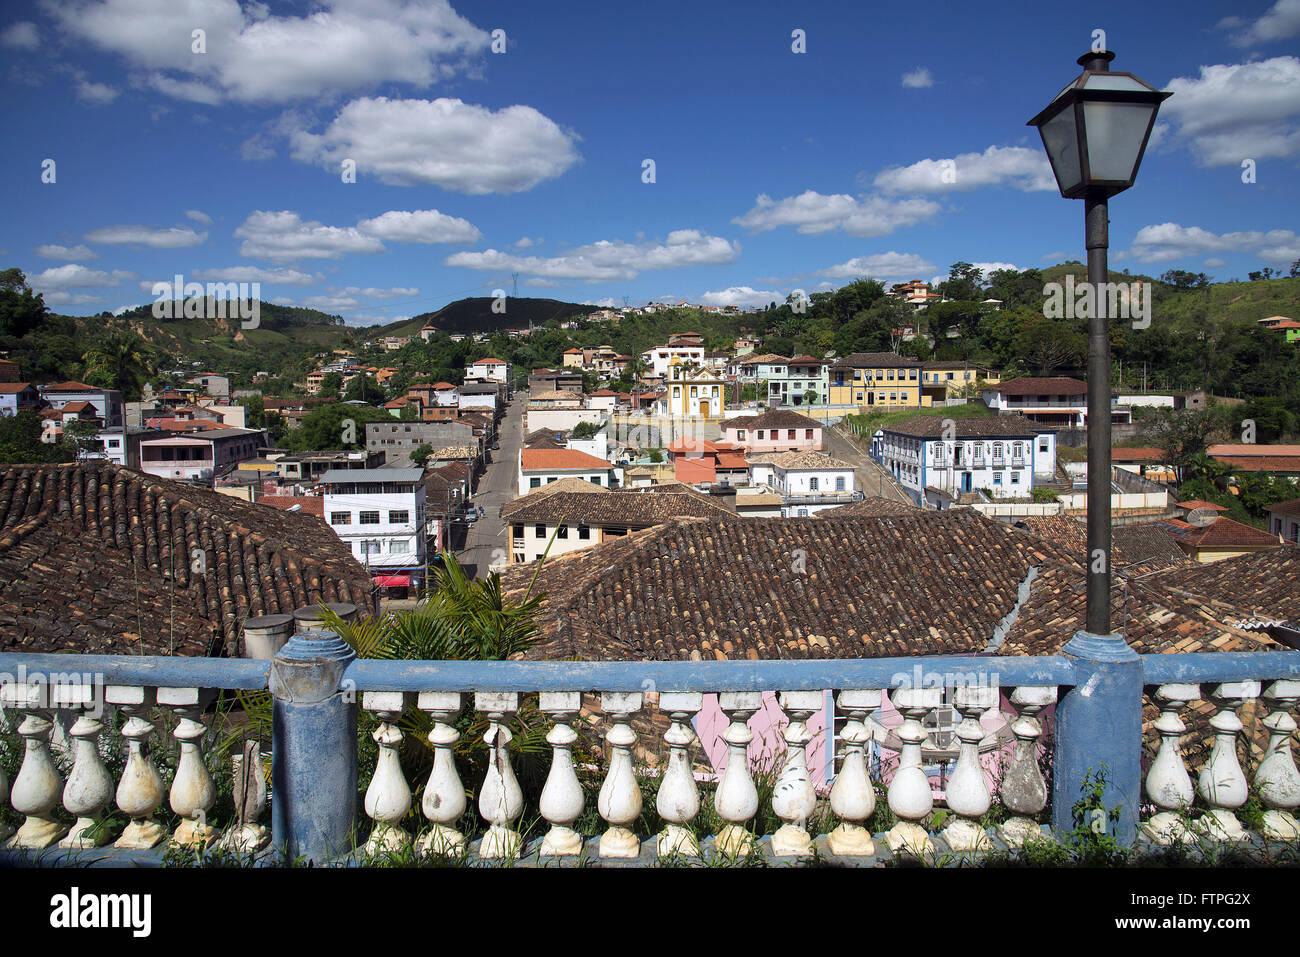 Vista de la ciudad con la capilla de Nuestra Señora del Rosario de los negros al centro Imagen De Stock